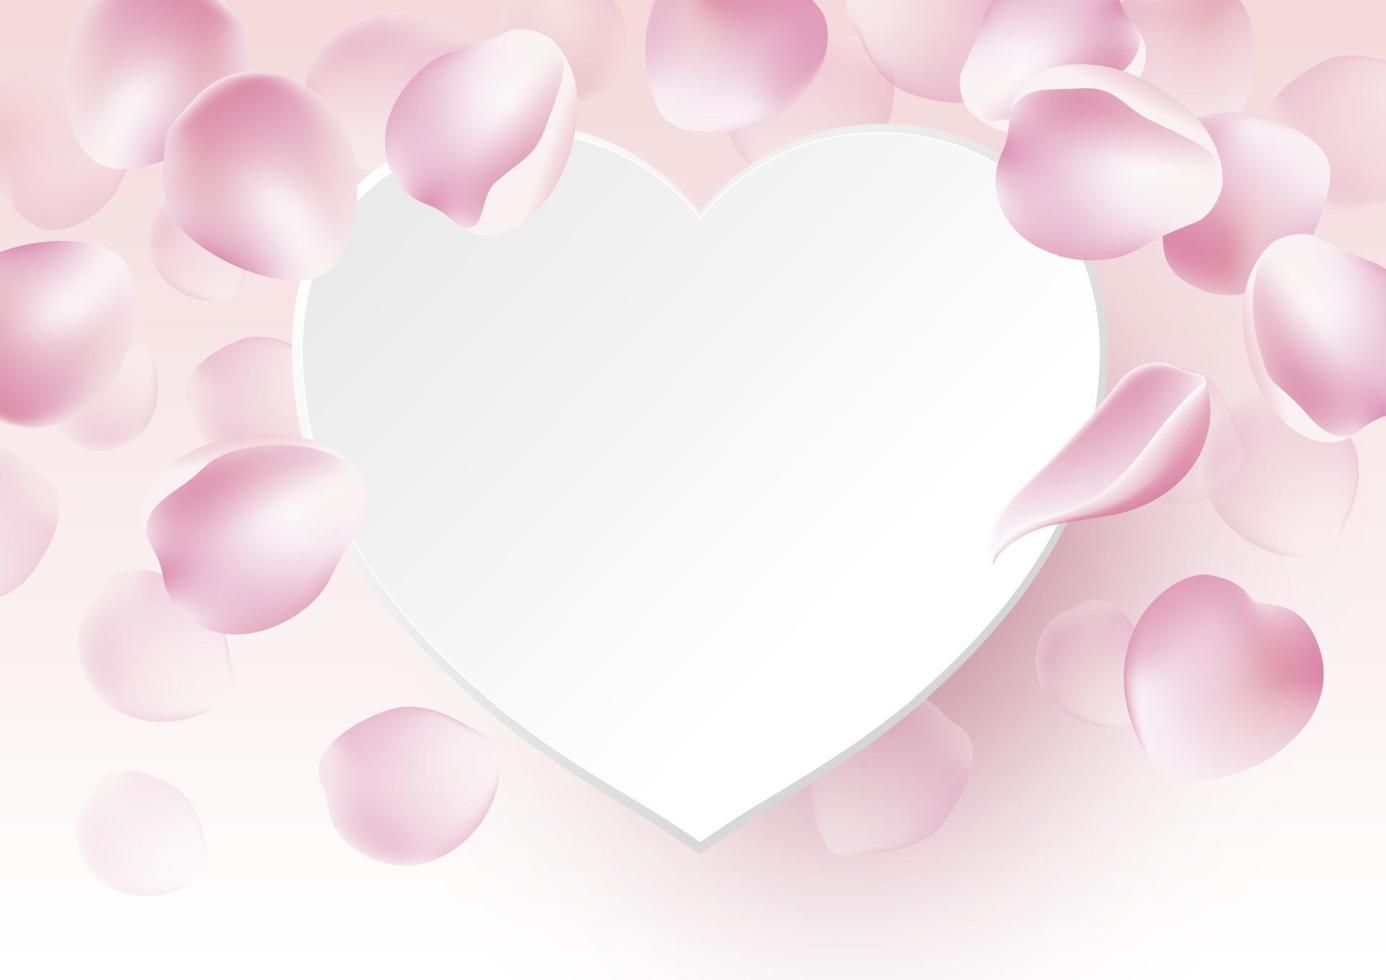 rosenblad faller med blankt papper hjärta på rosa bakgrund vektorillustration vektor